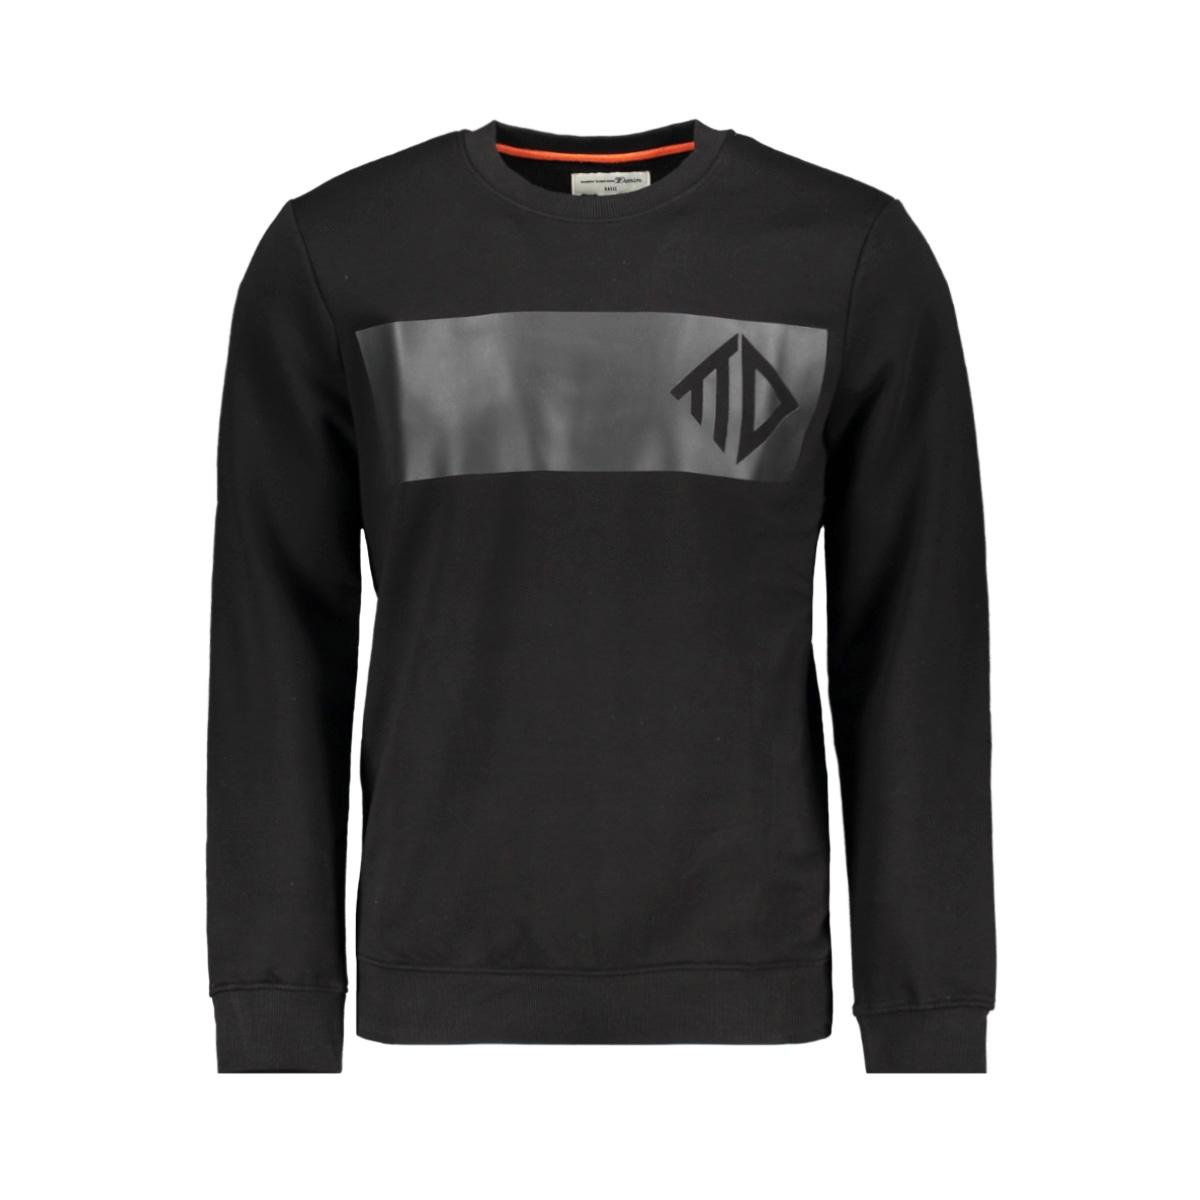 sweatshirt met print 1015685xx12 tom tailor sweater 29999